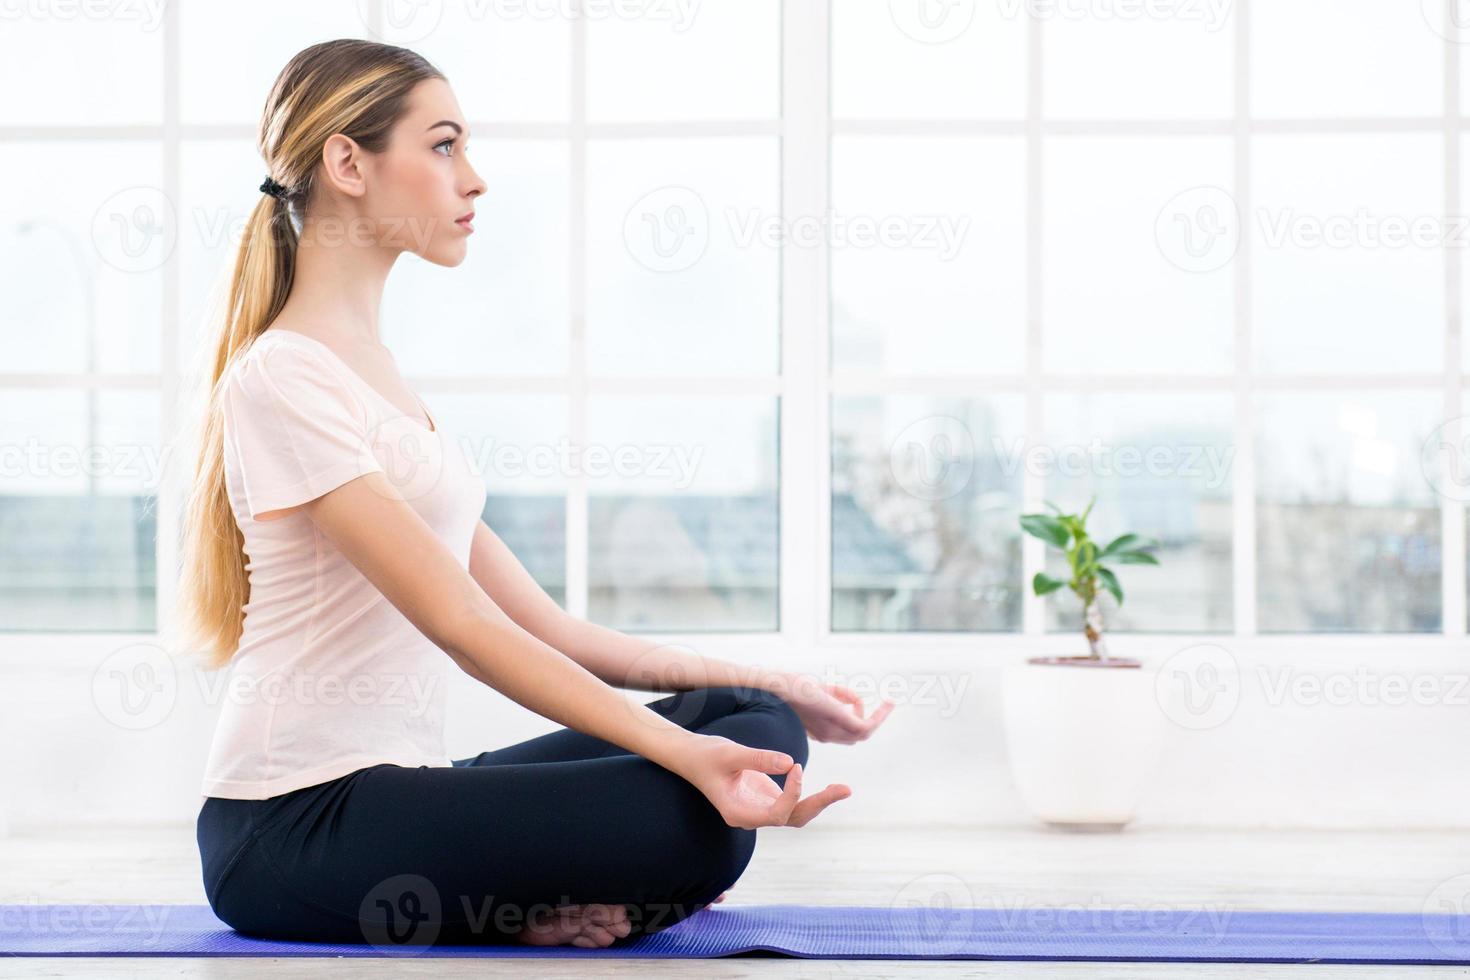 Yoga-Konzept mit schöner Frau foto